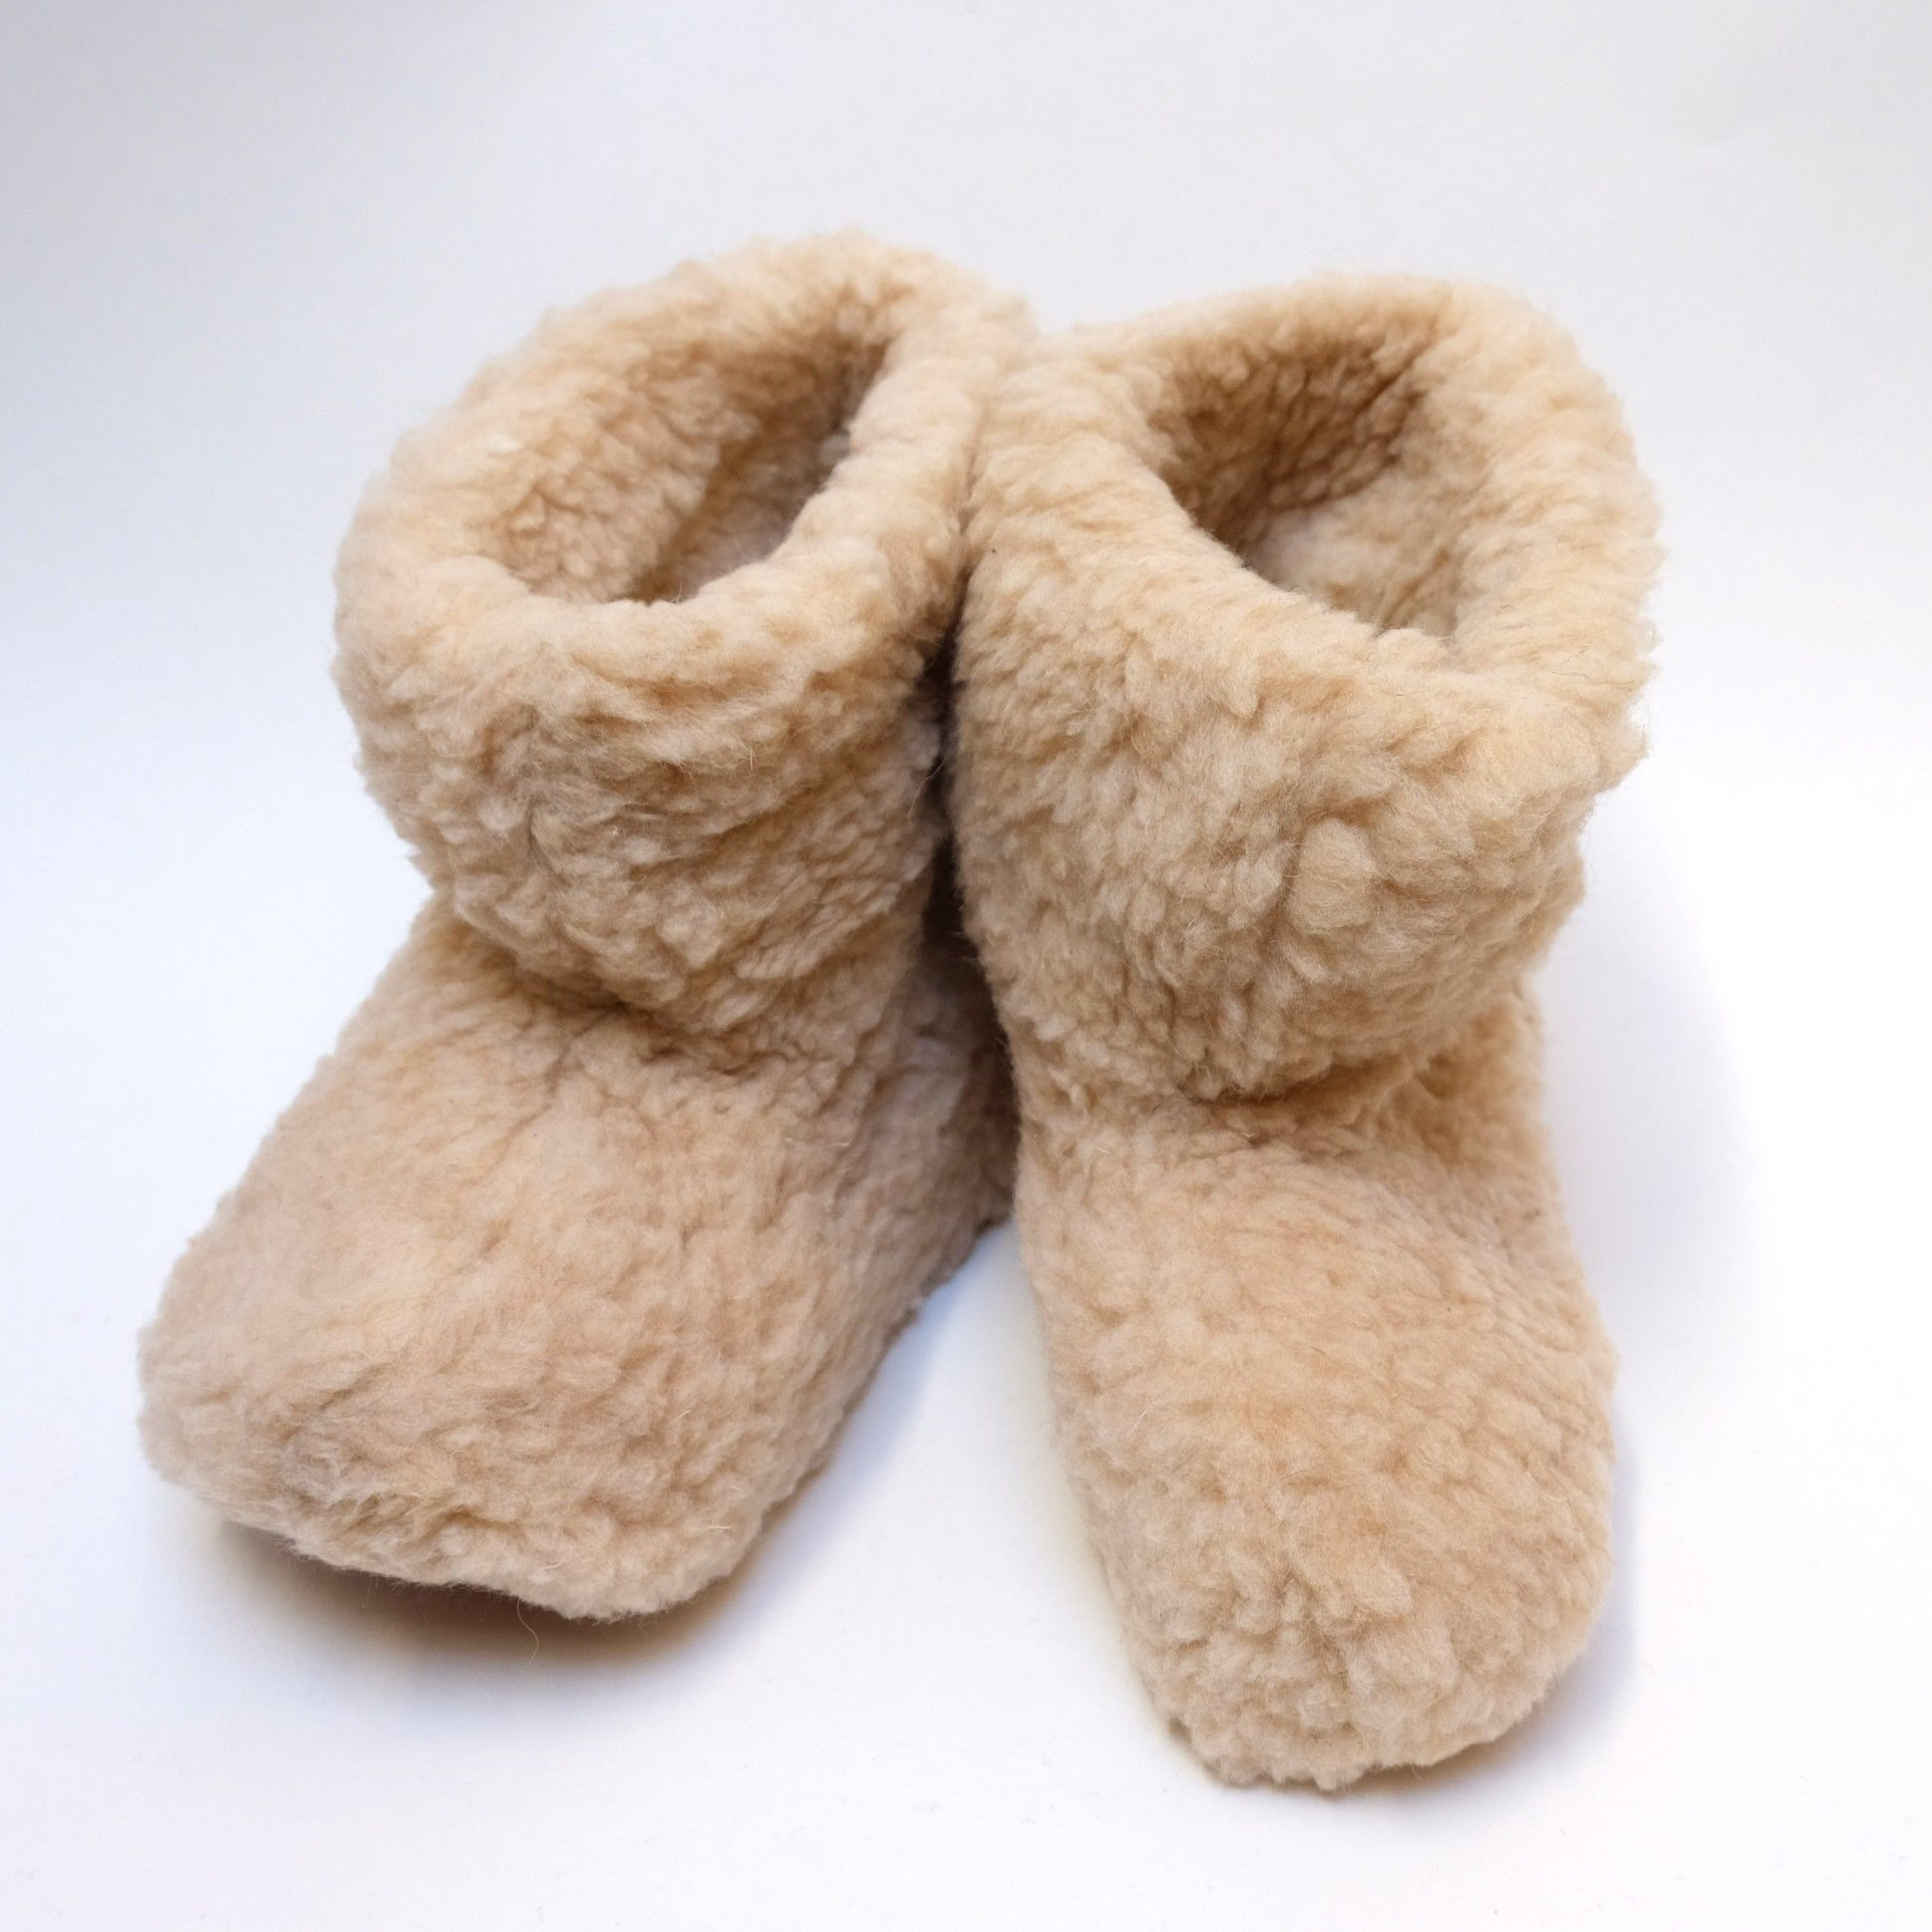 c348650c643ba Chaussons enfants ultra chauds et doux en pure laine - thermotherapie